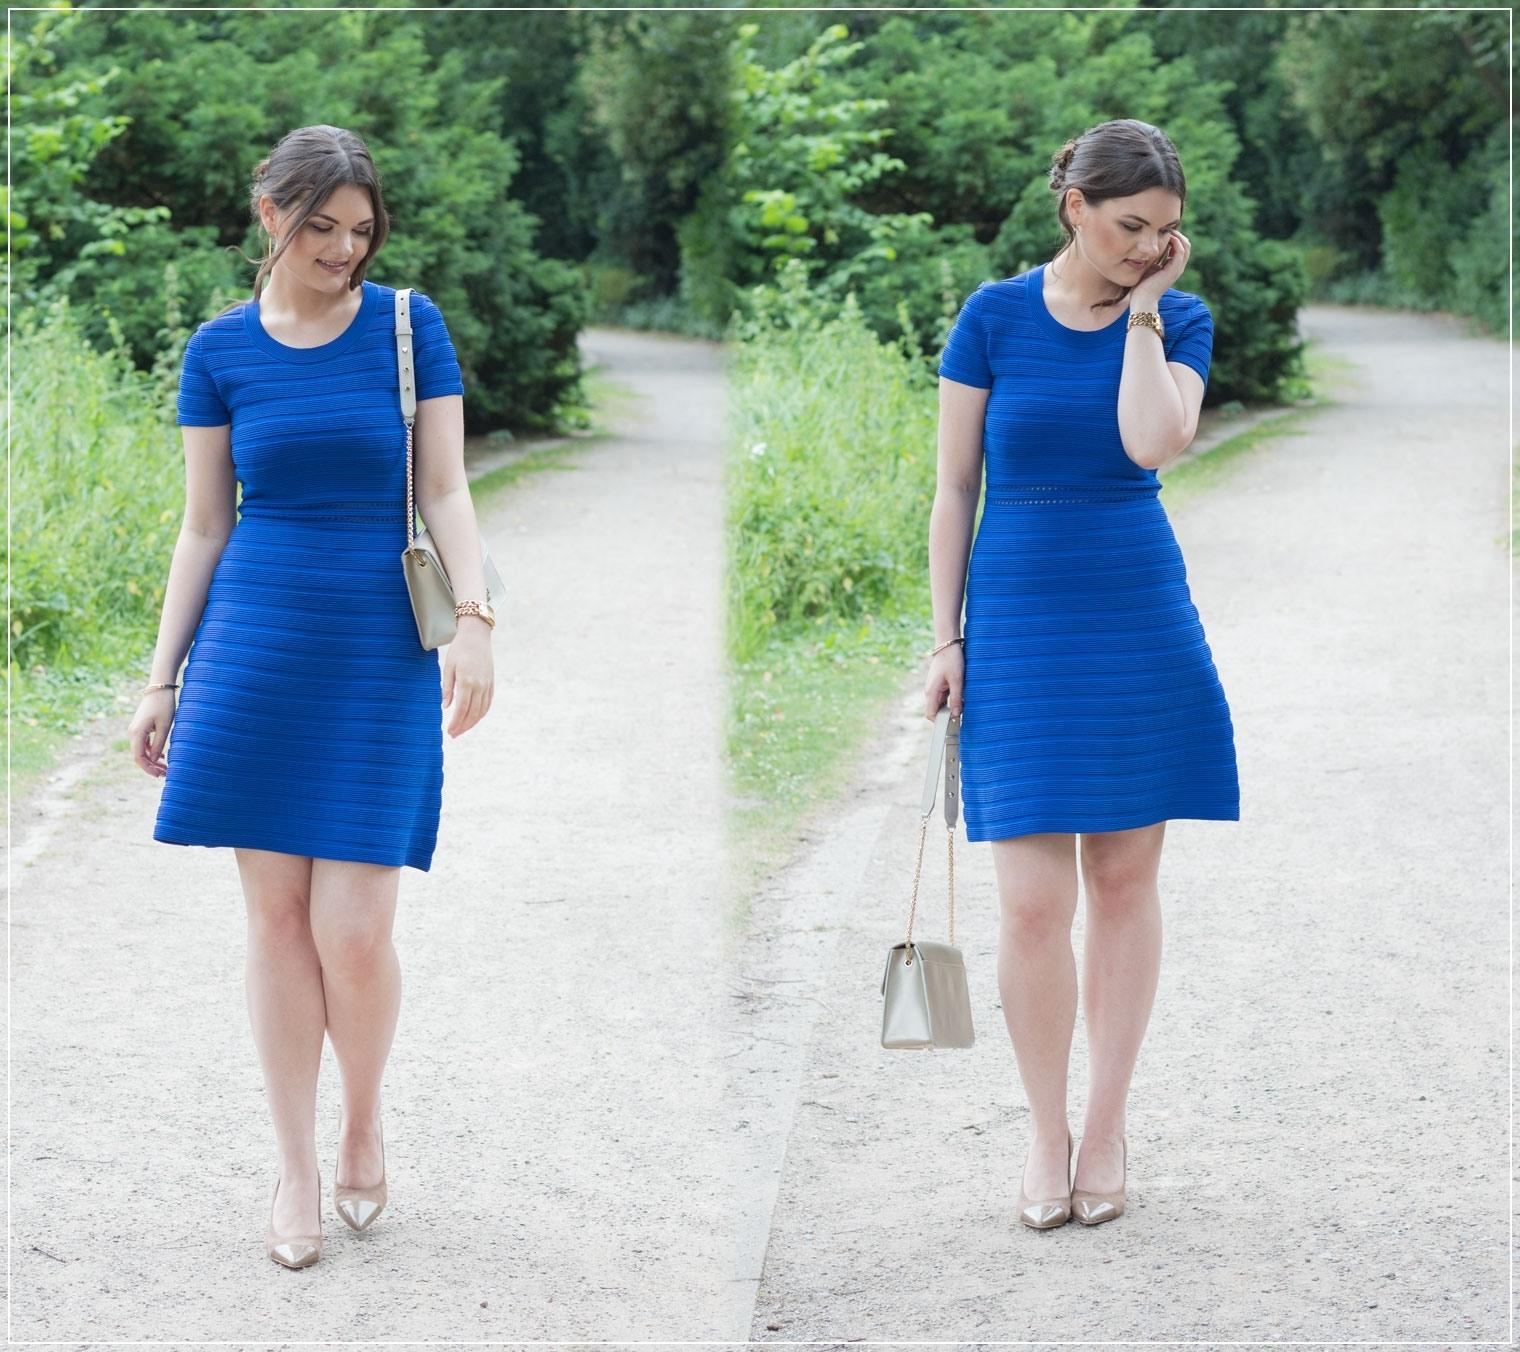 Luxurius Blaues Kleid Hochzeit Stylish13 Schön Blaues Kleid Hochzeit Boutique